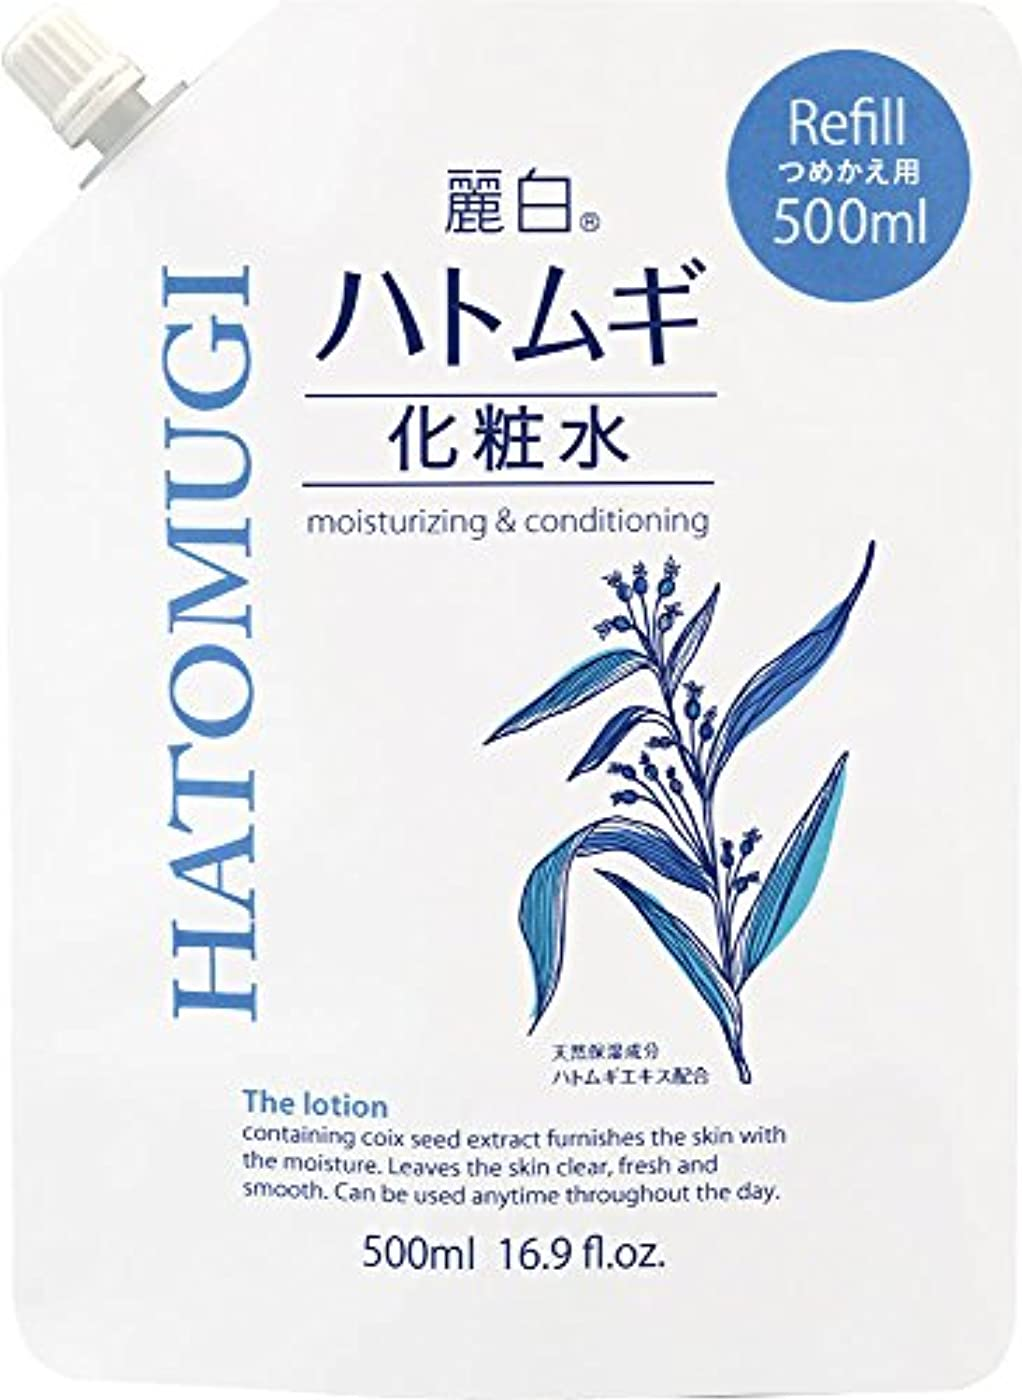 クレーターマトロン突撃麗白 ハトムギ化粧水 詰替 500ml